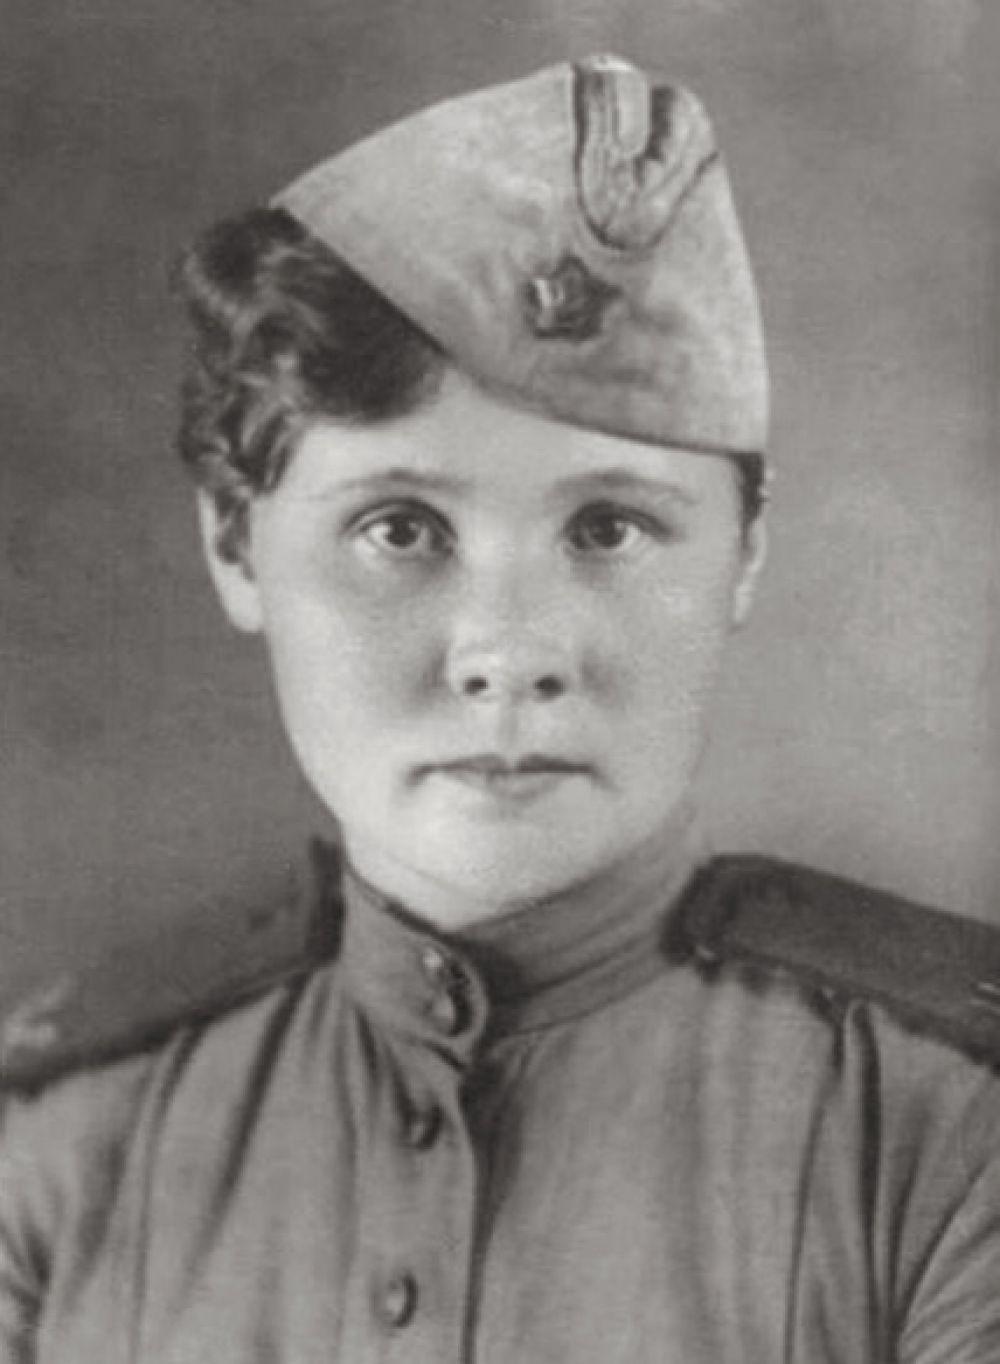 Татьяна Барамзина. В годы войны окончила школу снайперов, была отправлена на фронт, где уничтожила 16 фашистов. Из-за проблем со зрением переучилась на телефонистку.5 июля 1944 года в бою с превосходящими силами противника прикрывала отход раненых, уничтожила до 20 гитлеровцев. Захваченная в плен немцами, была убита после жестоких пыток. Посмертно ефрейтору Барамзиной было присвоено звание Героя Советского Союза.